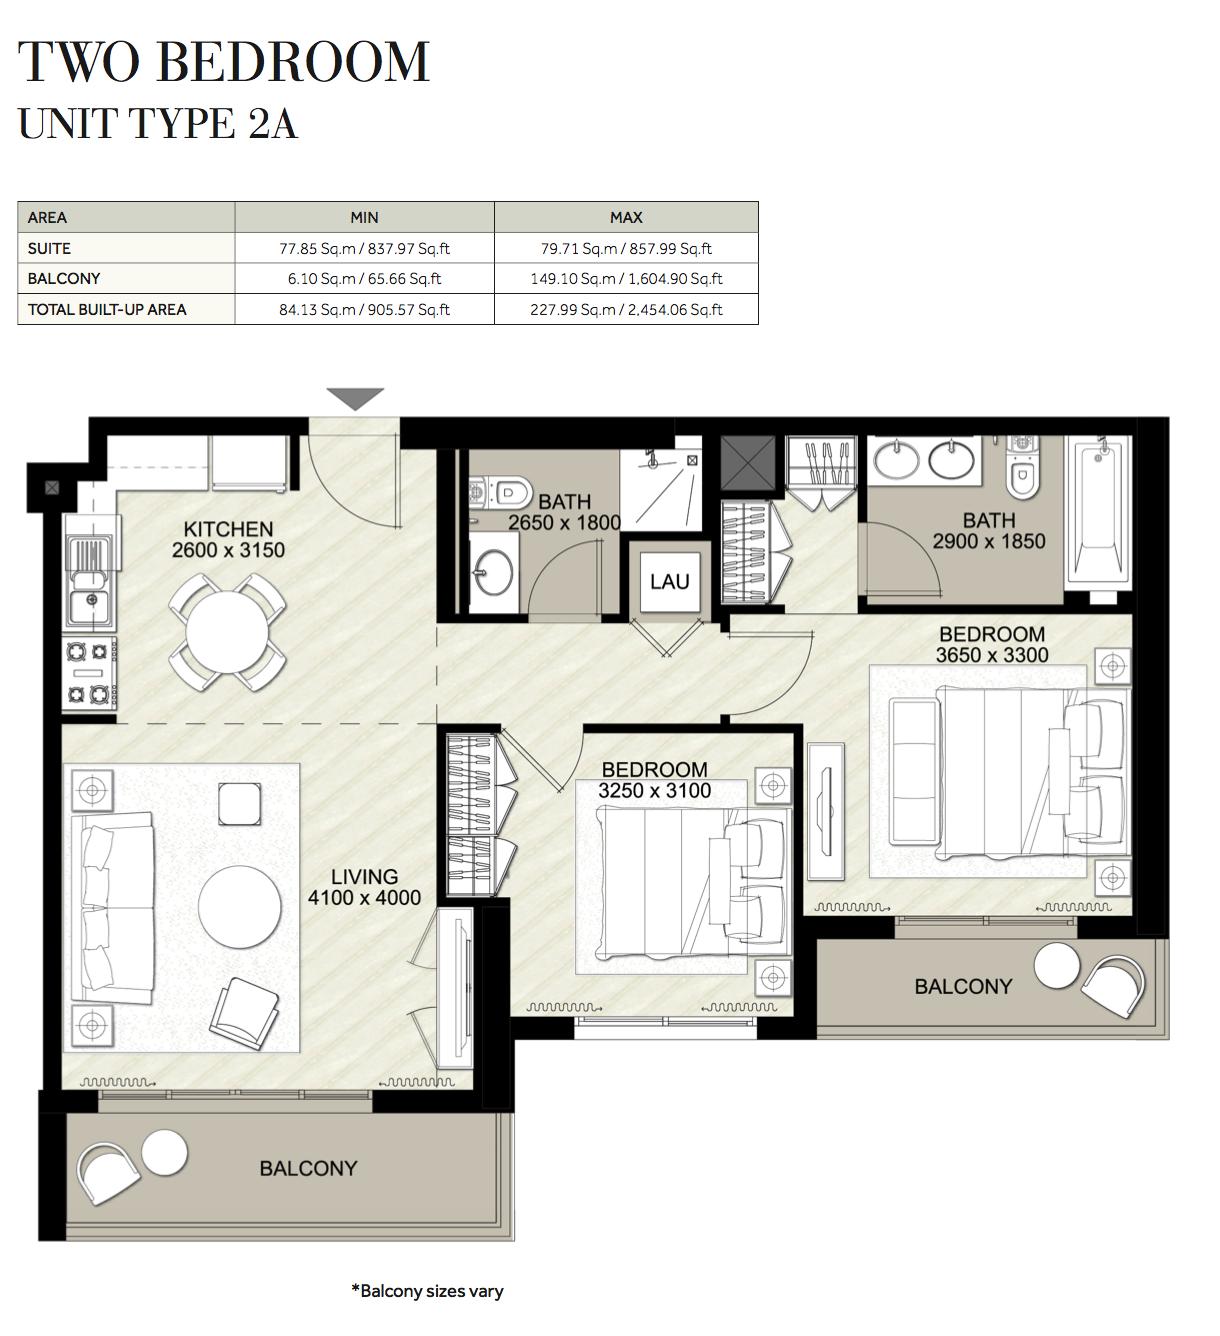 2 Bedroom-UT-2A